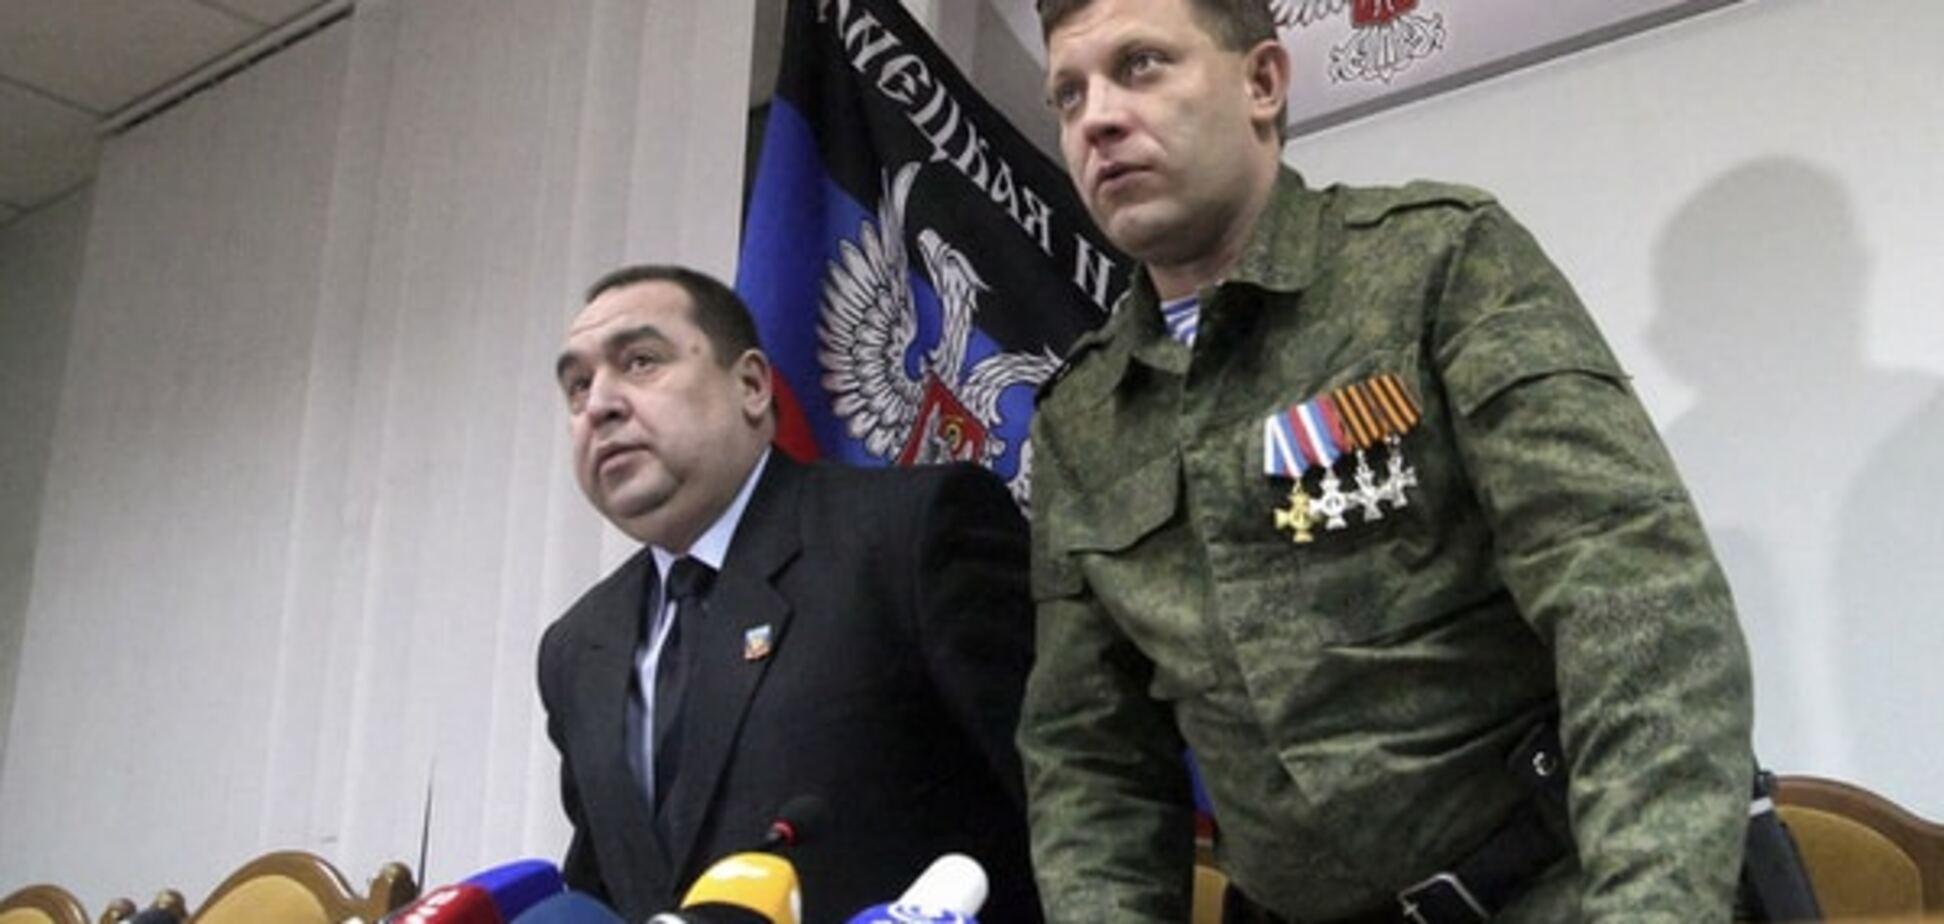 Ватажки 'ДНР' і 'ЛНР' розпочали між собою 'горілчану війну' - Снєгирьов